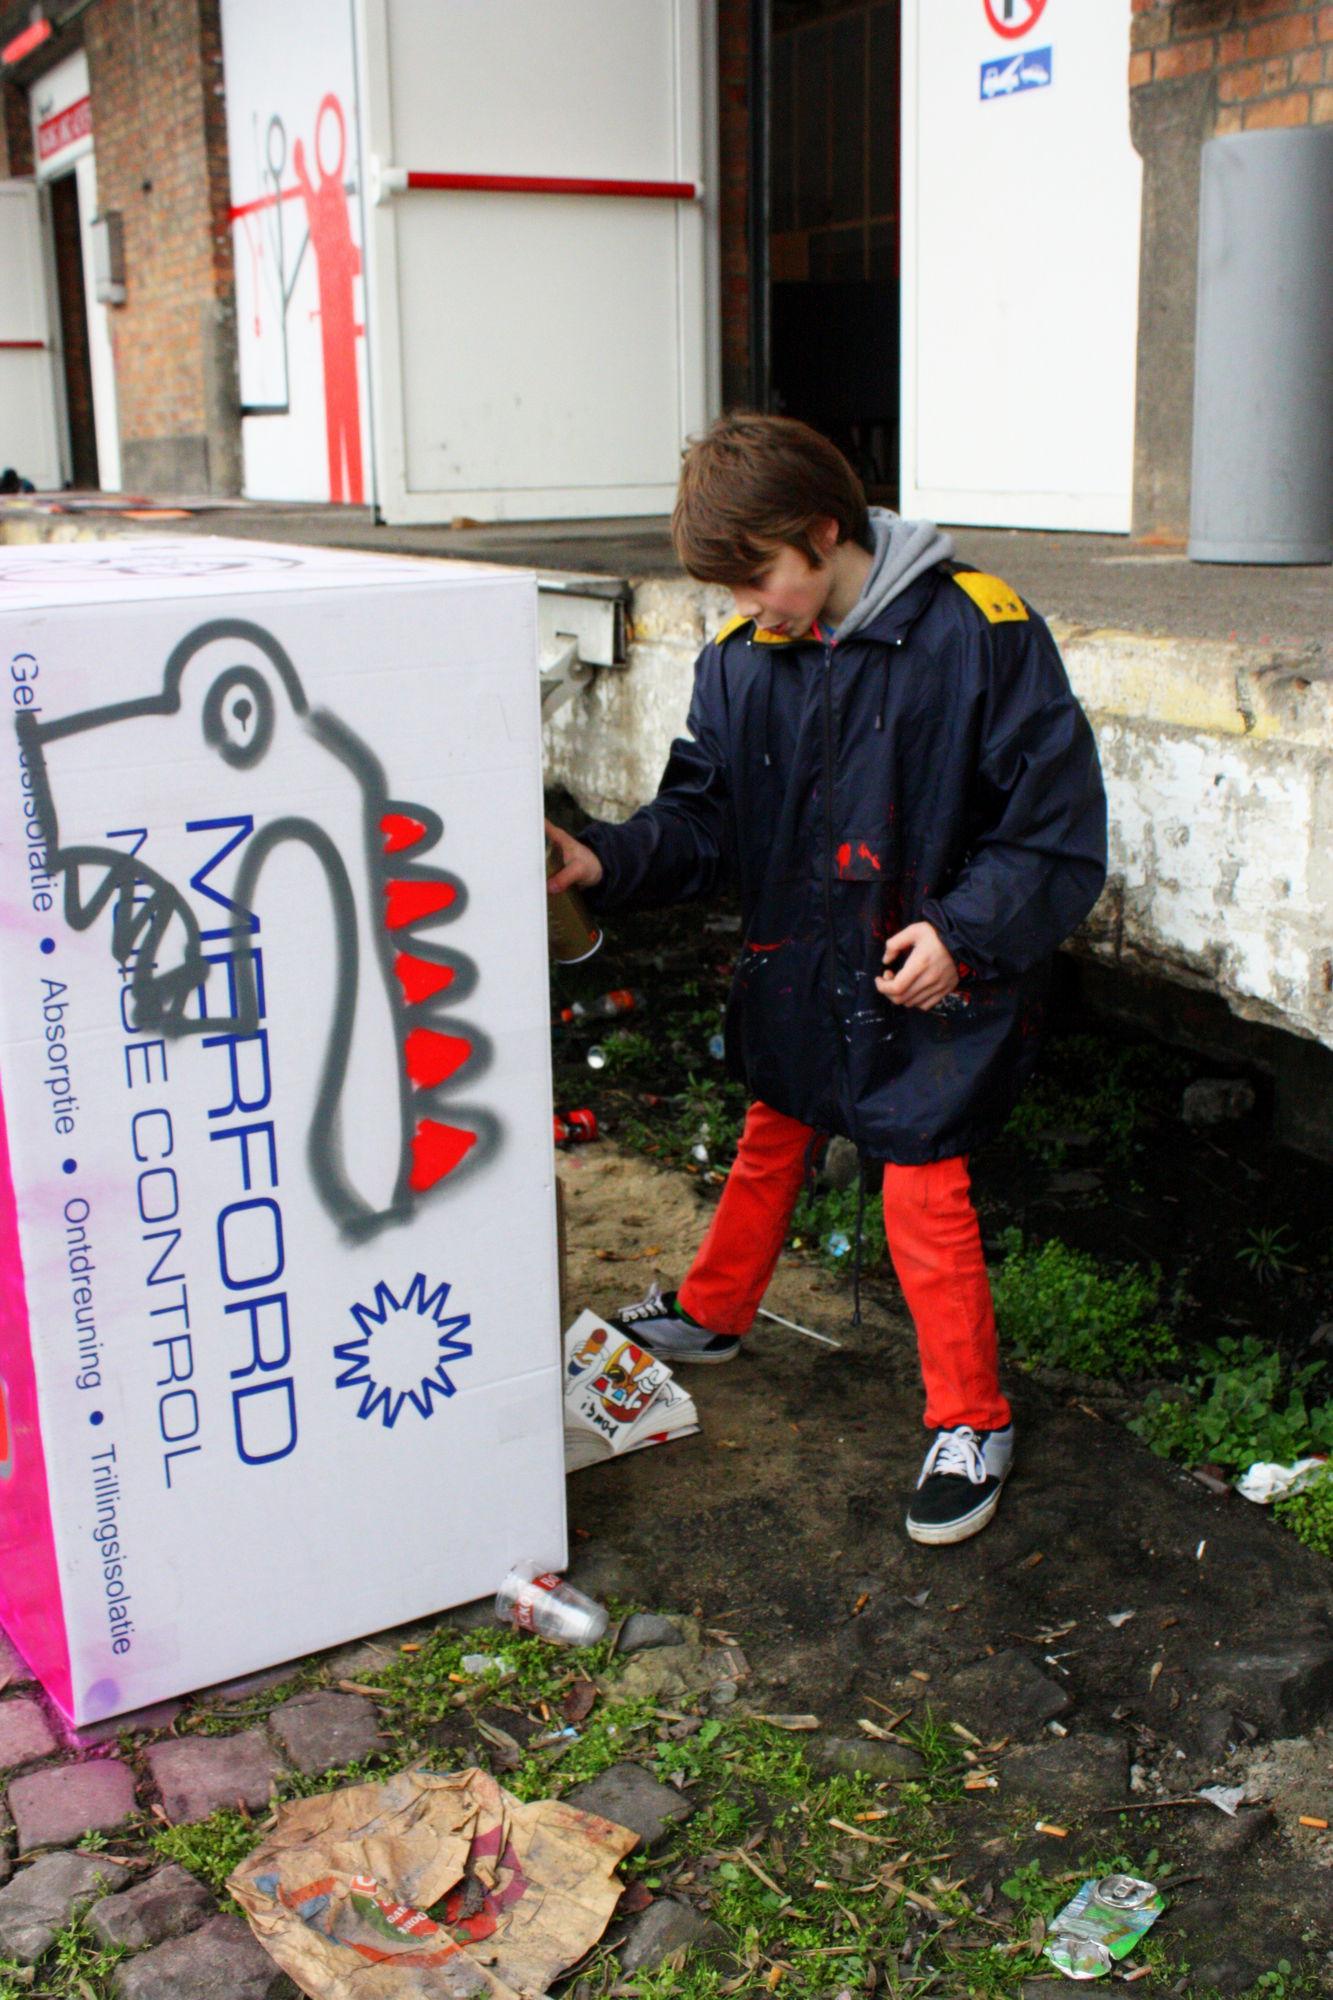 workshopreeks graffiti